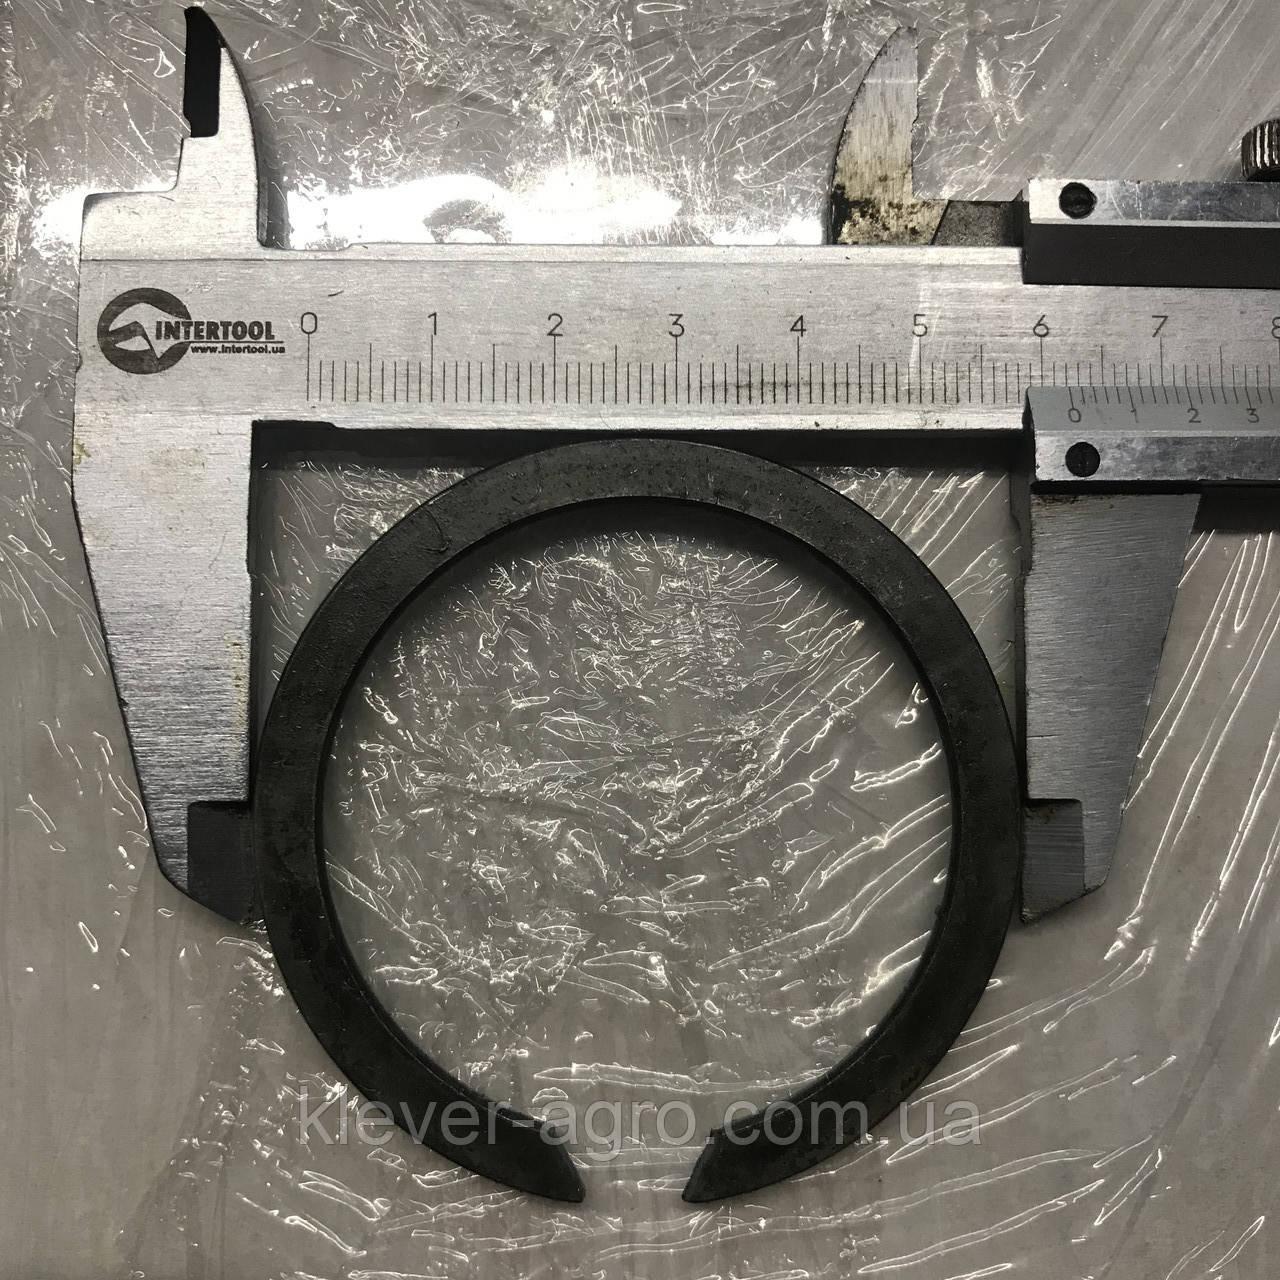 Кольцо стопорное ( 2В55 / 2С55 ) ГОСТ 13940-86 (пр-во МТЗ)